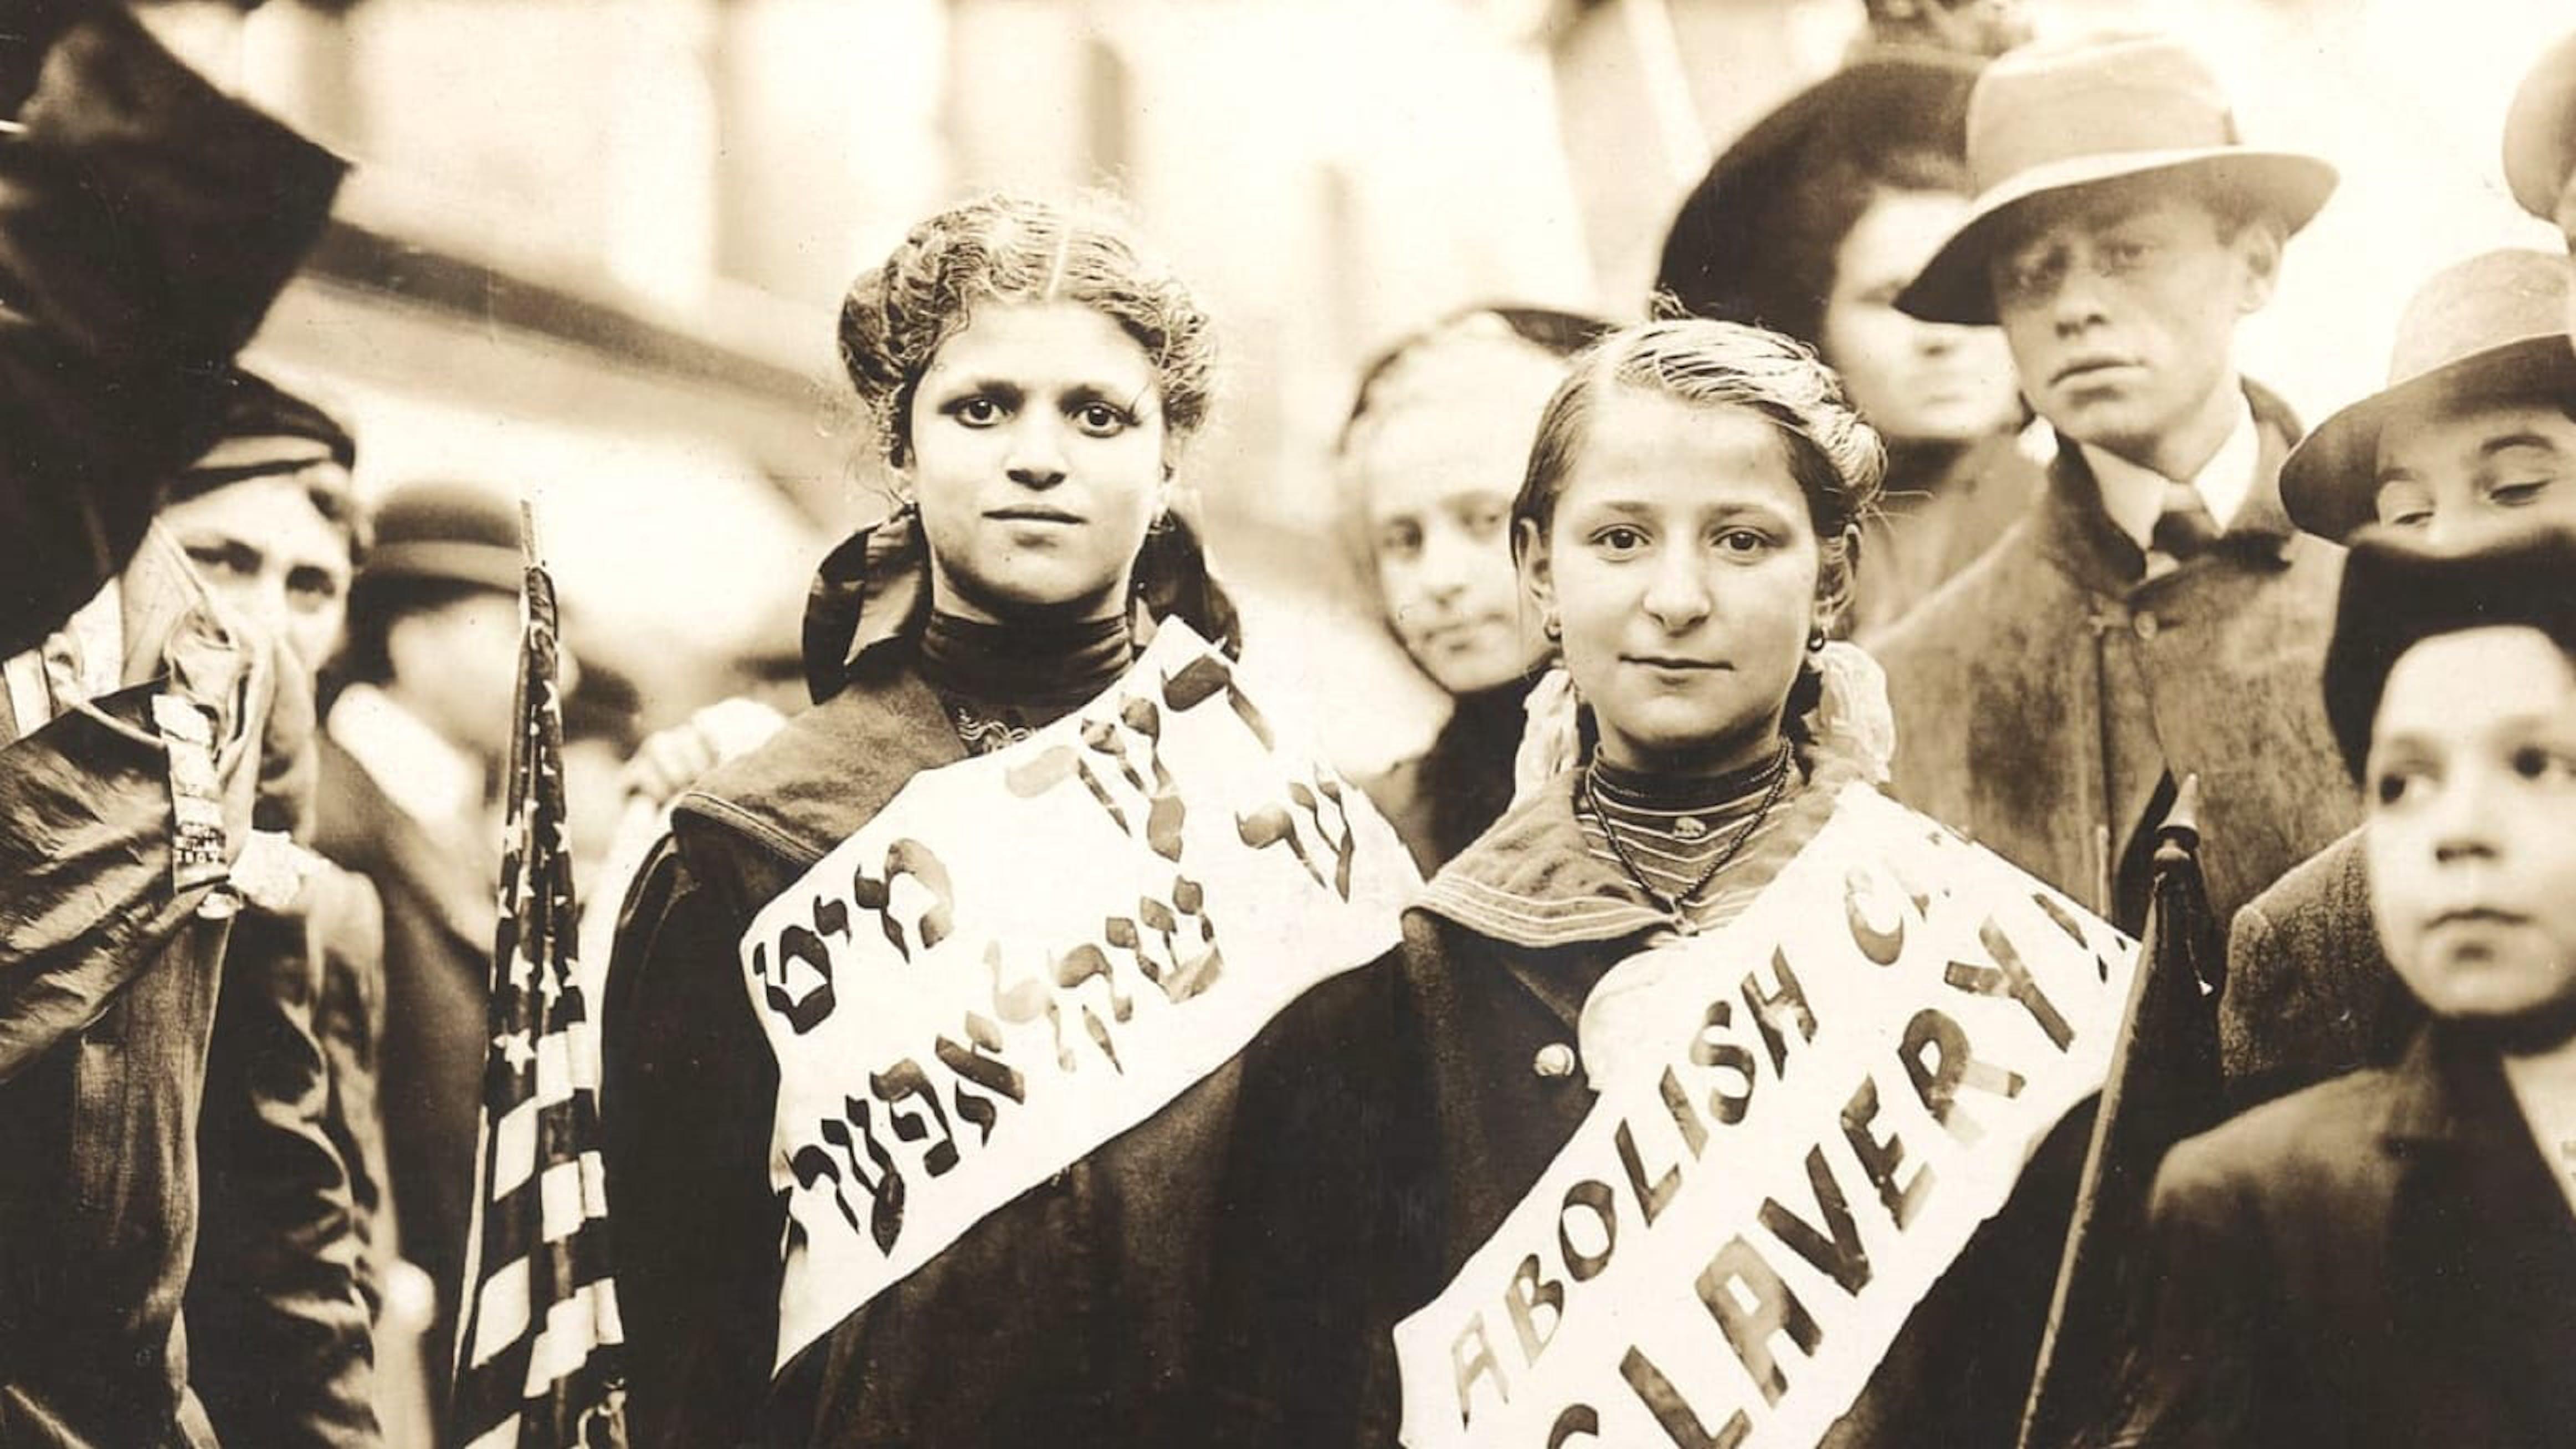 Nel 1919 nasce la Convenzione sull'età minima per proteggere i bambini dal lavoro minorile